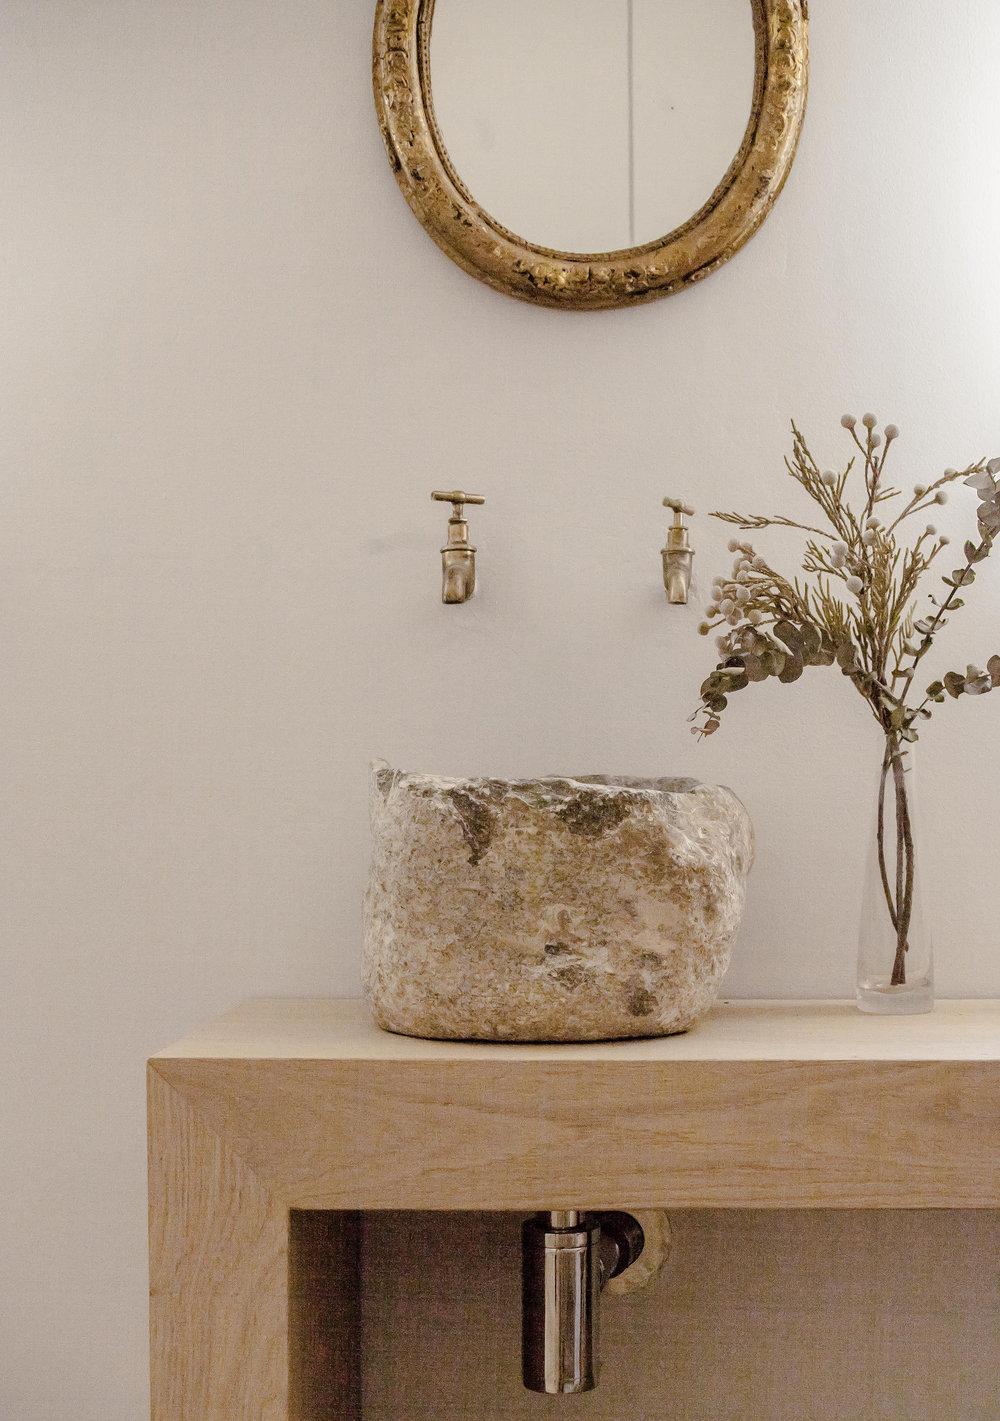 Bespoke waskbasin in Oak Residence by Quiet Studios